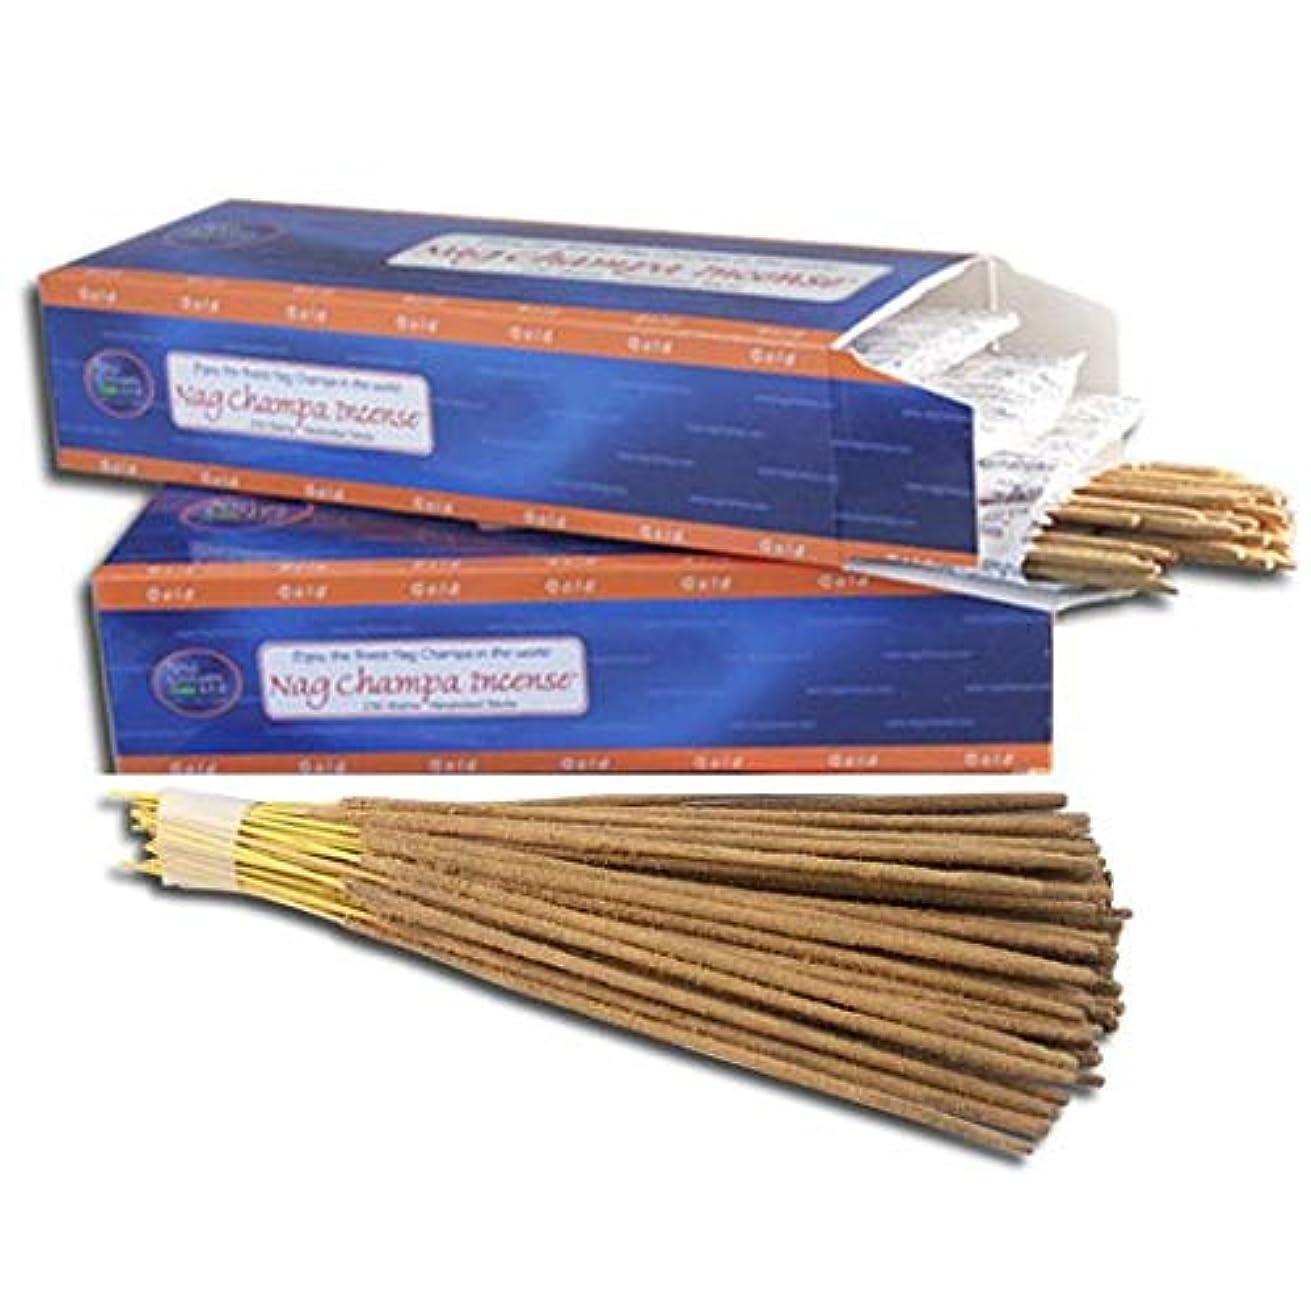 エコーコメンテーターペインティングNag Champaゴールドincense-バルク500 Sticks Pack with Freeホルダー